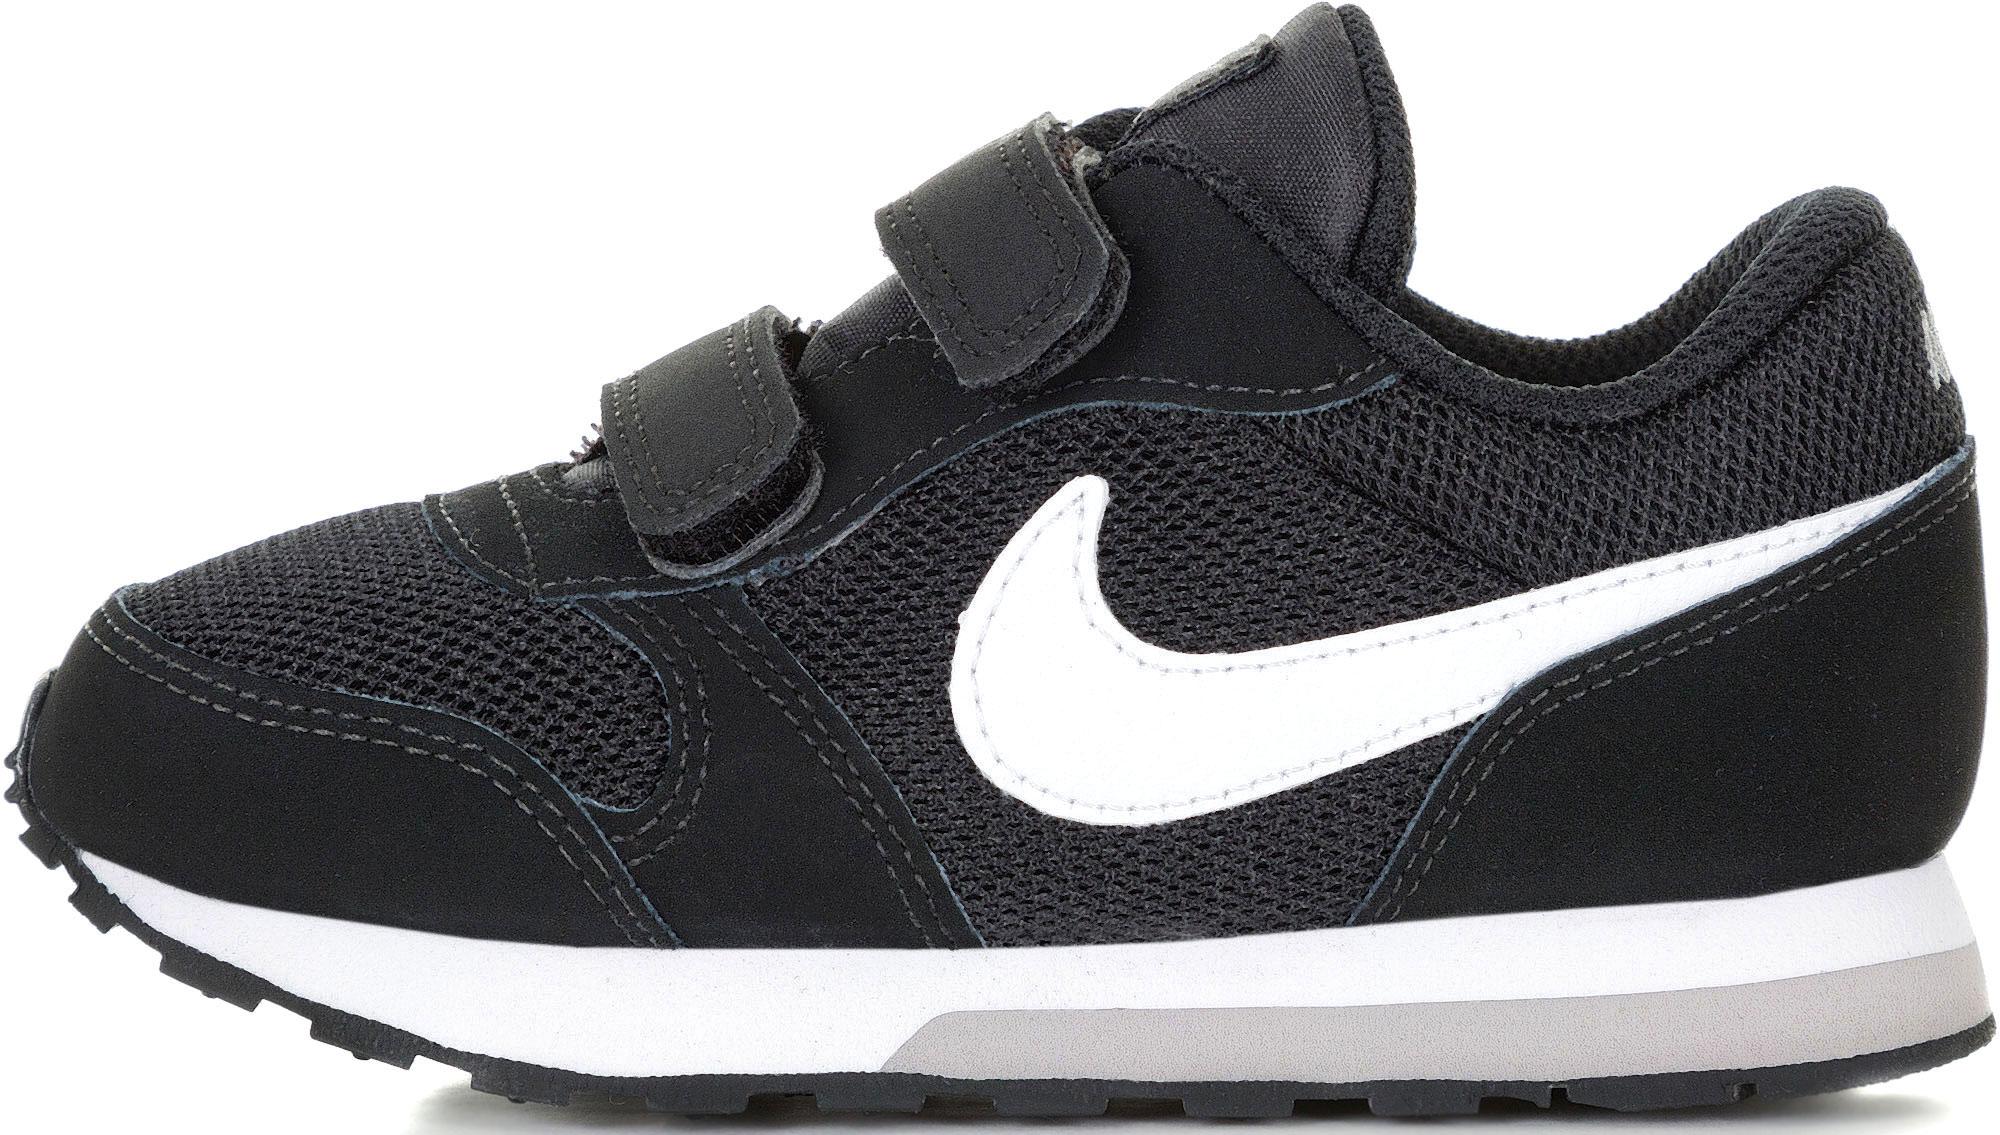 купить Nike Кроссовки для мальчиков Nike MD Runner 2, размер 26 по цене 2599 рублей